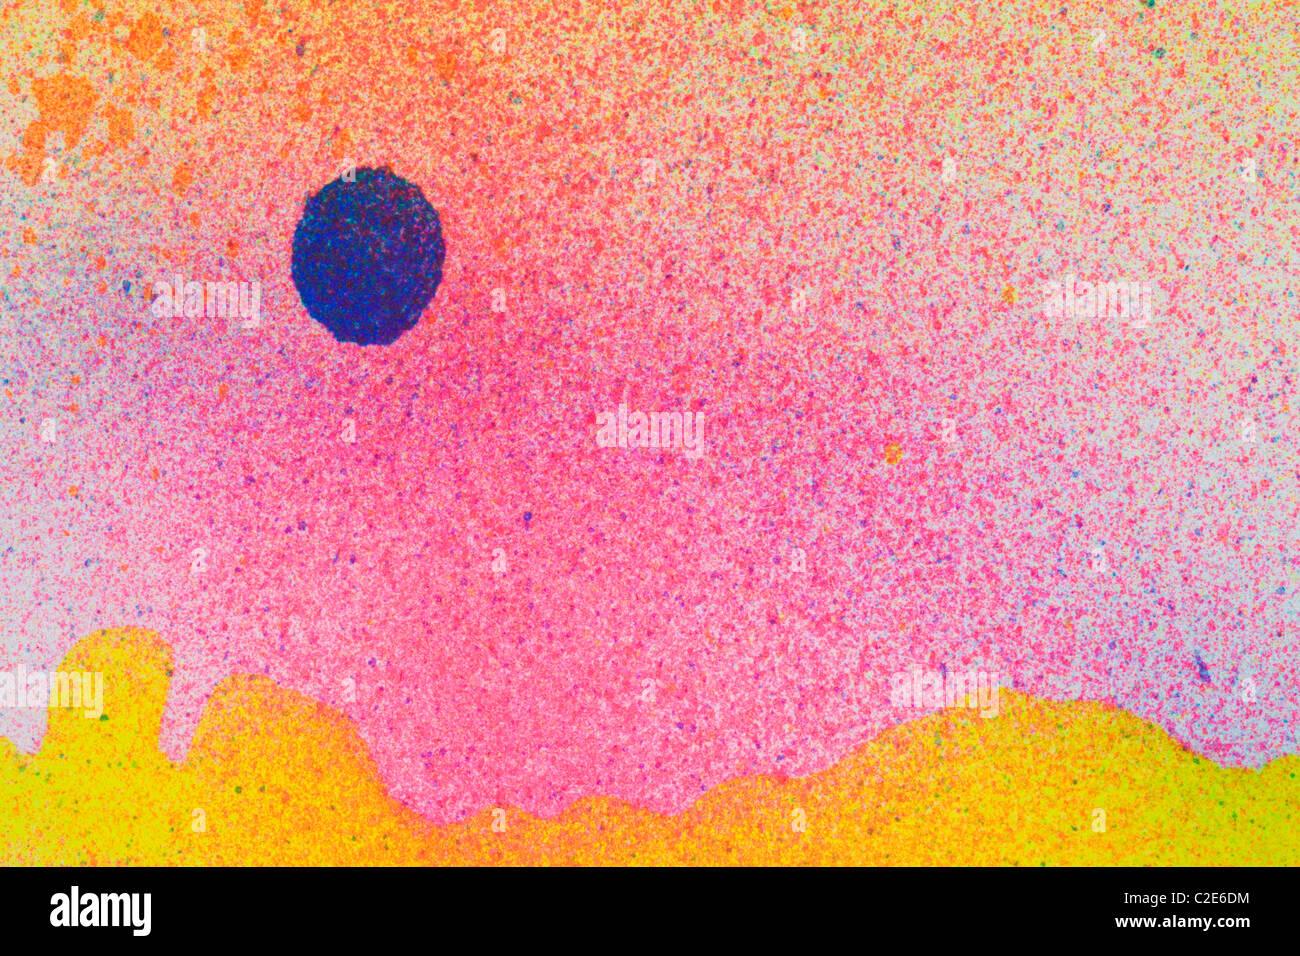 Bunte abstrakte Hintergrund Stockbild